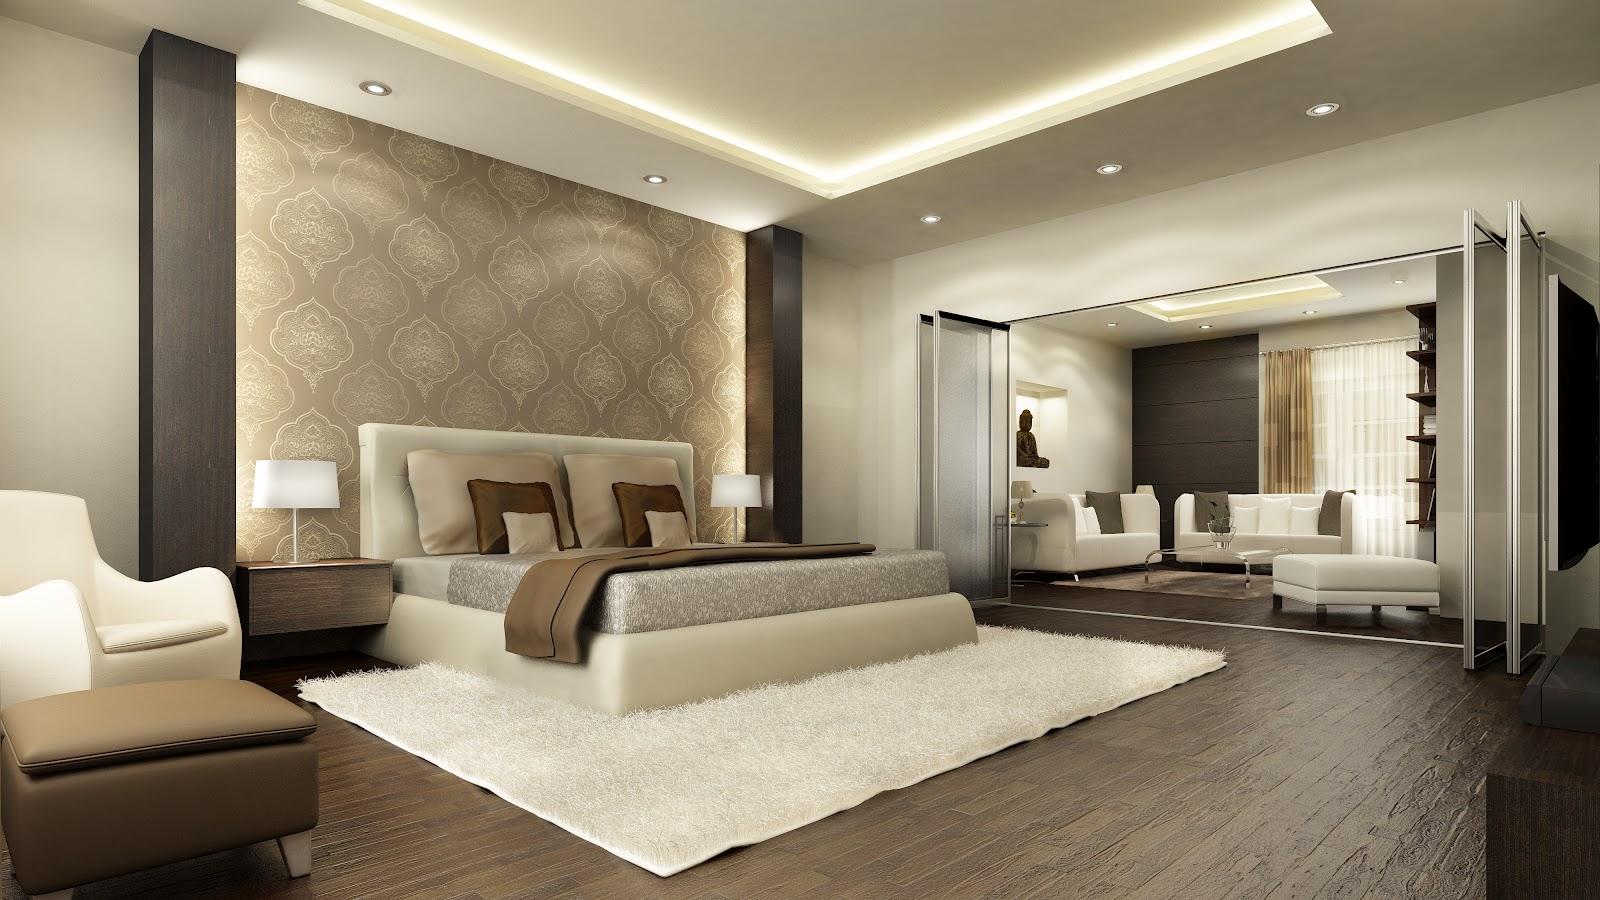 Pinterest-Master-værelses-indretning-ideer-fantastisk-design-på-værelses-design-ideer